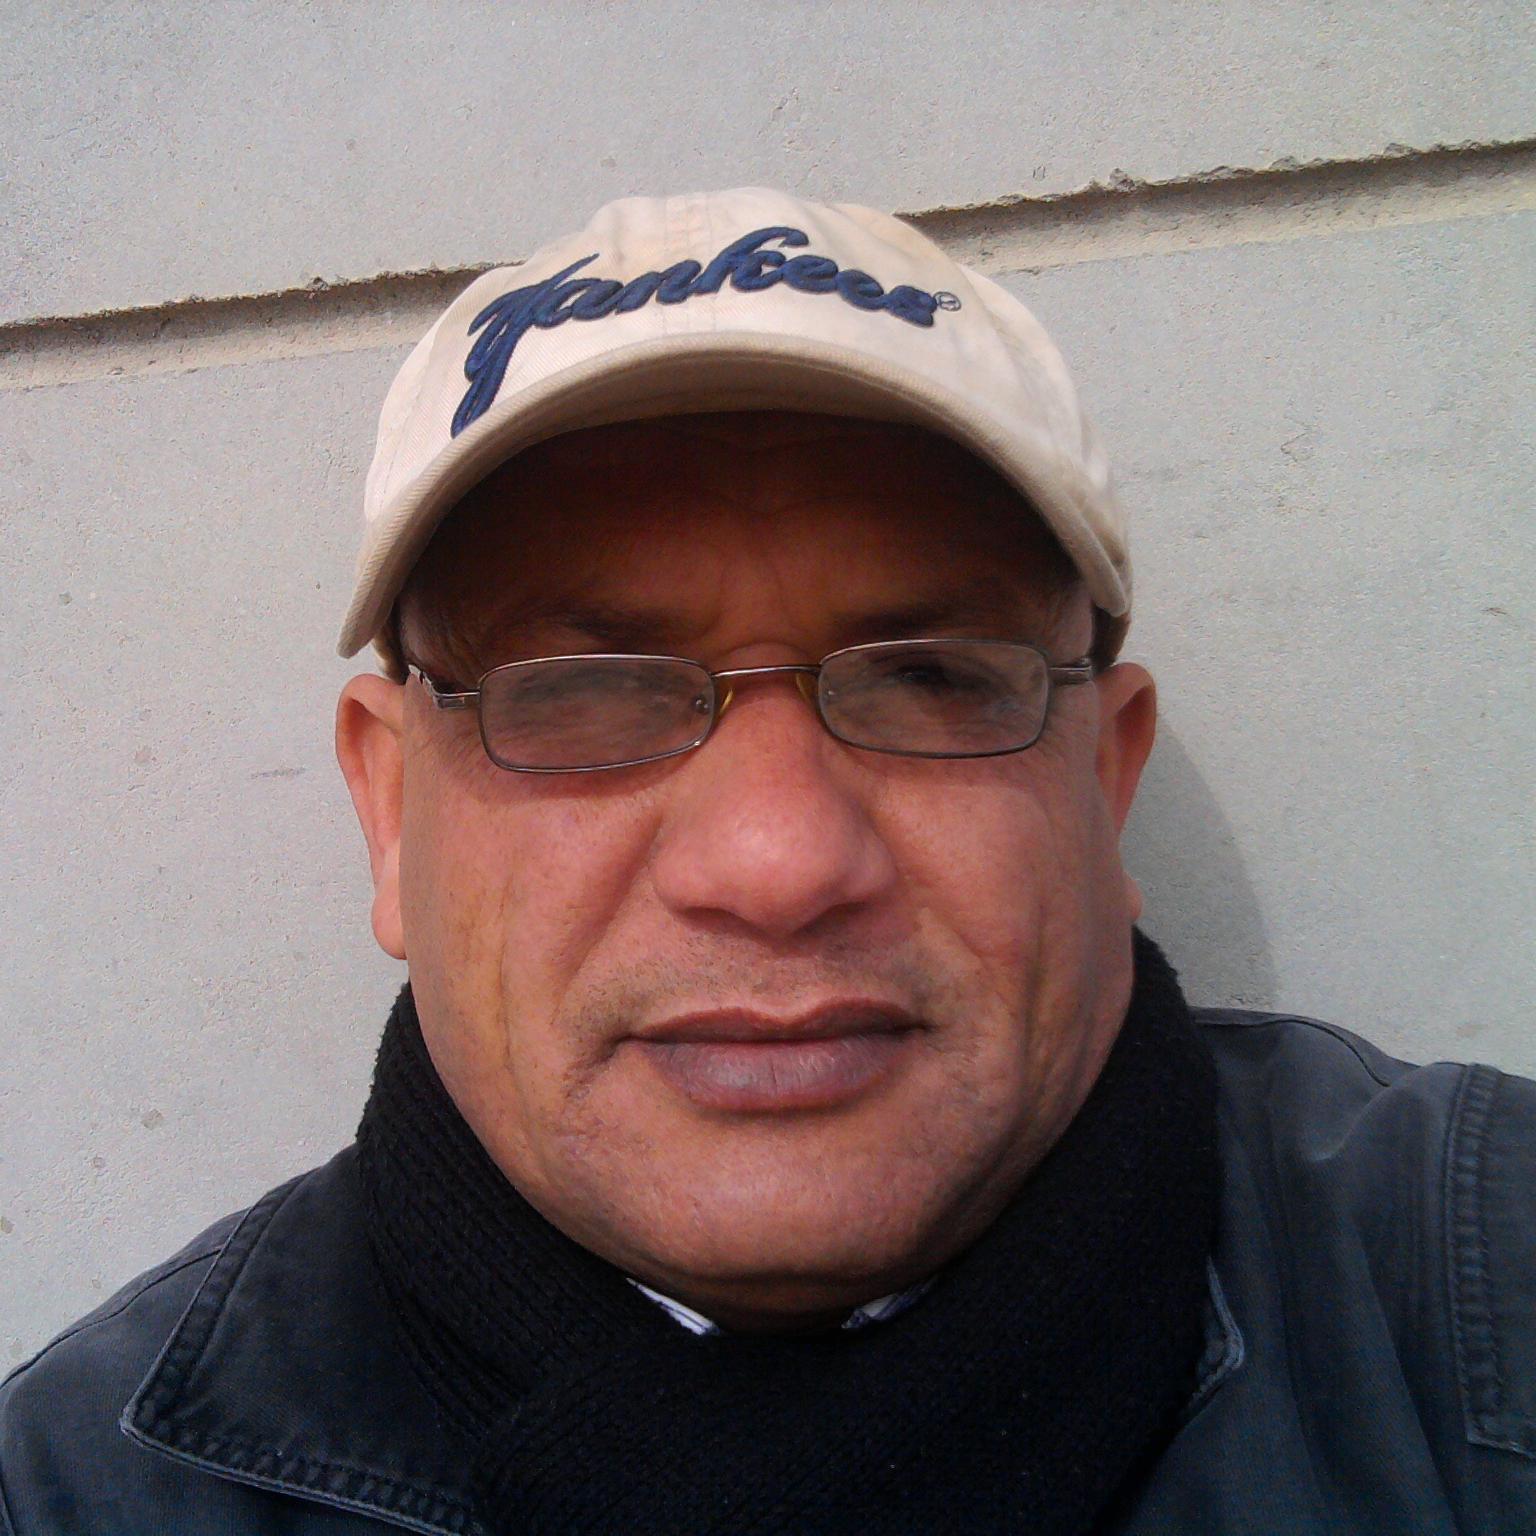 Hssein